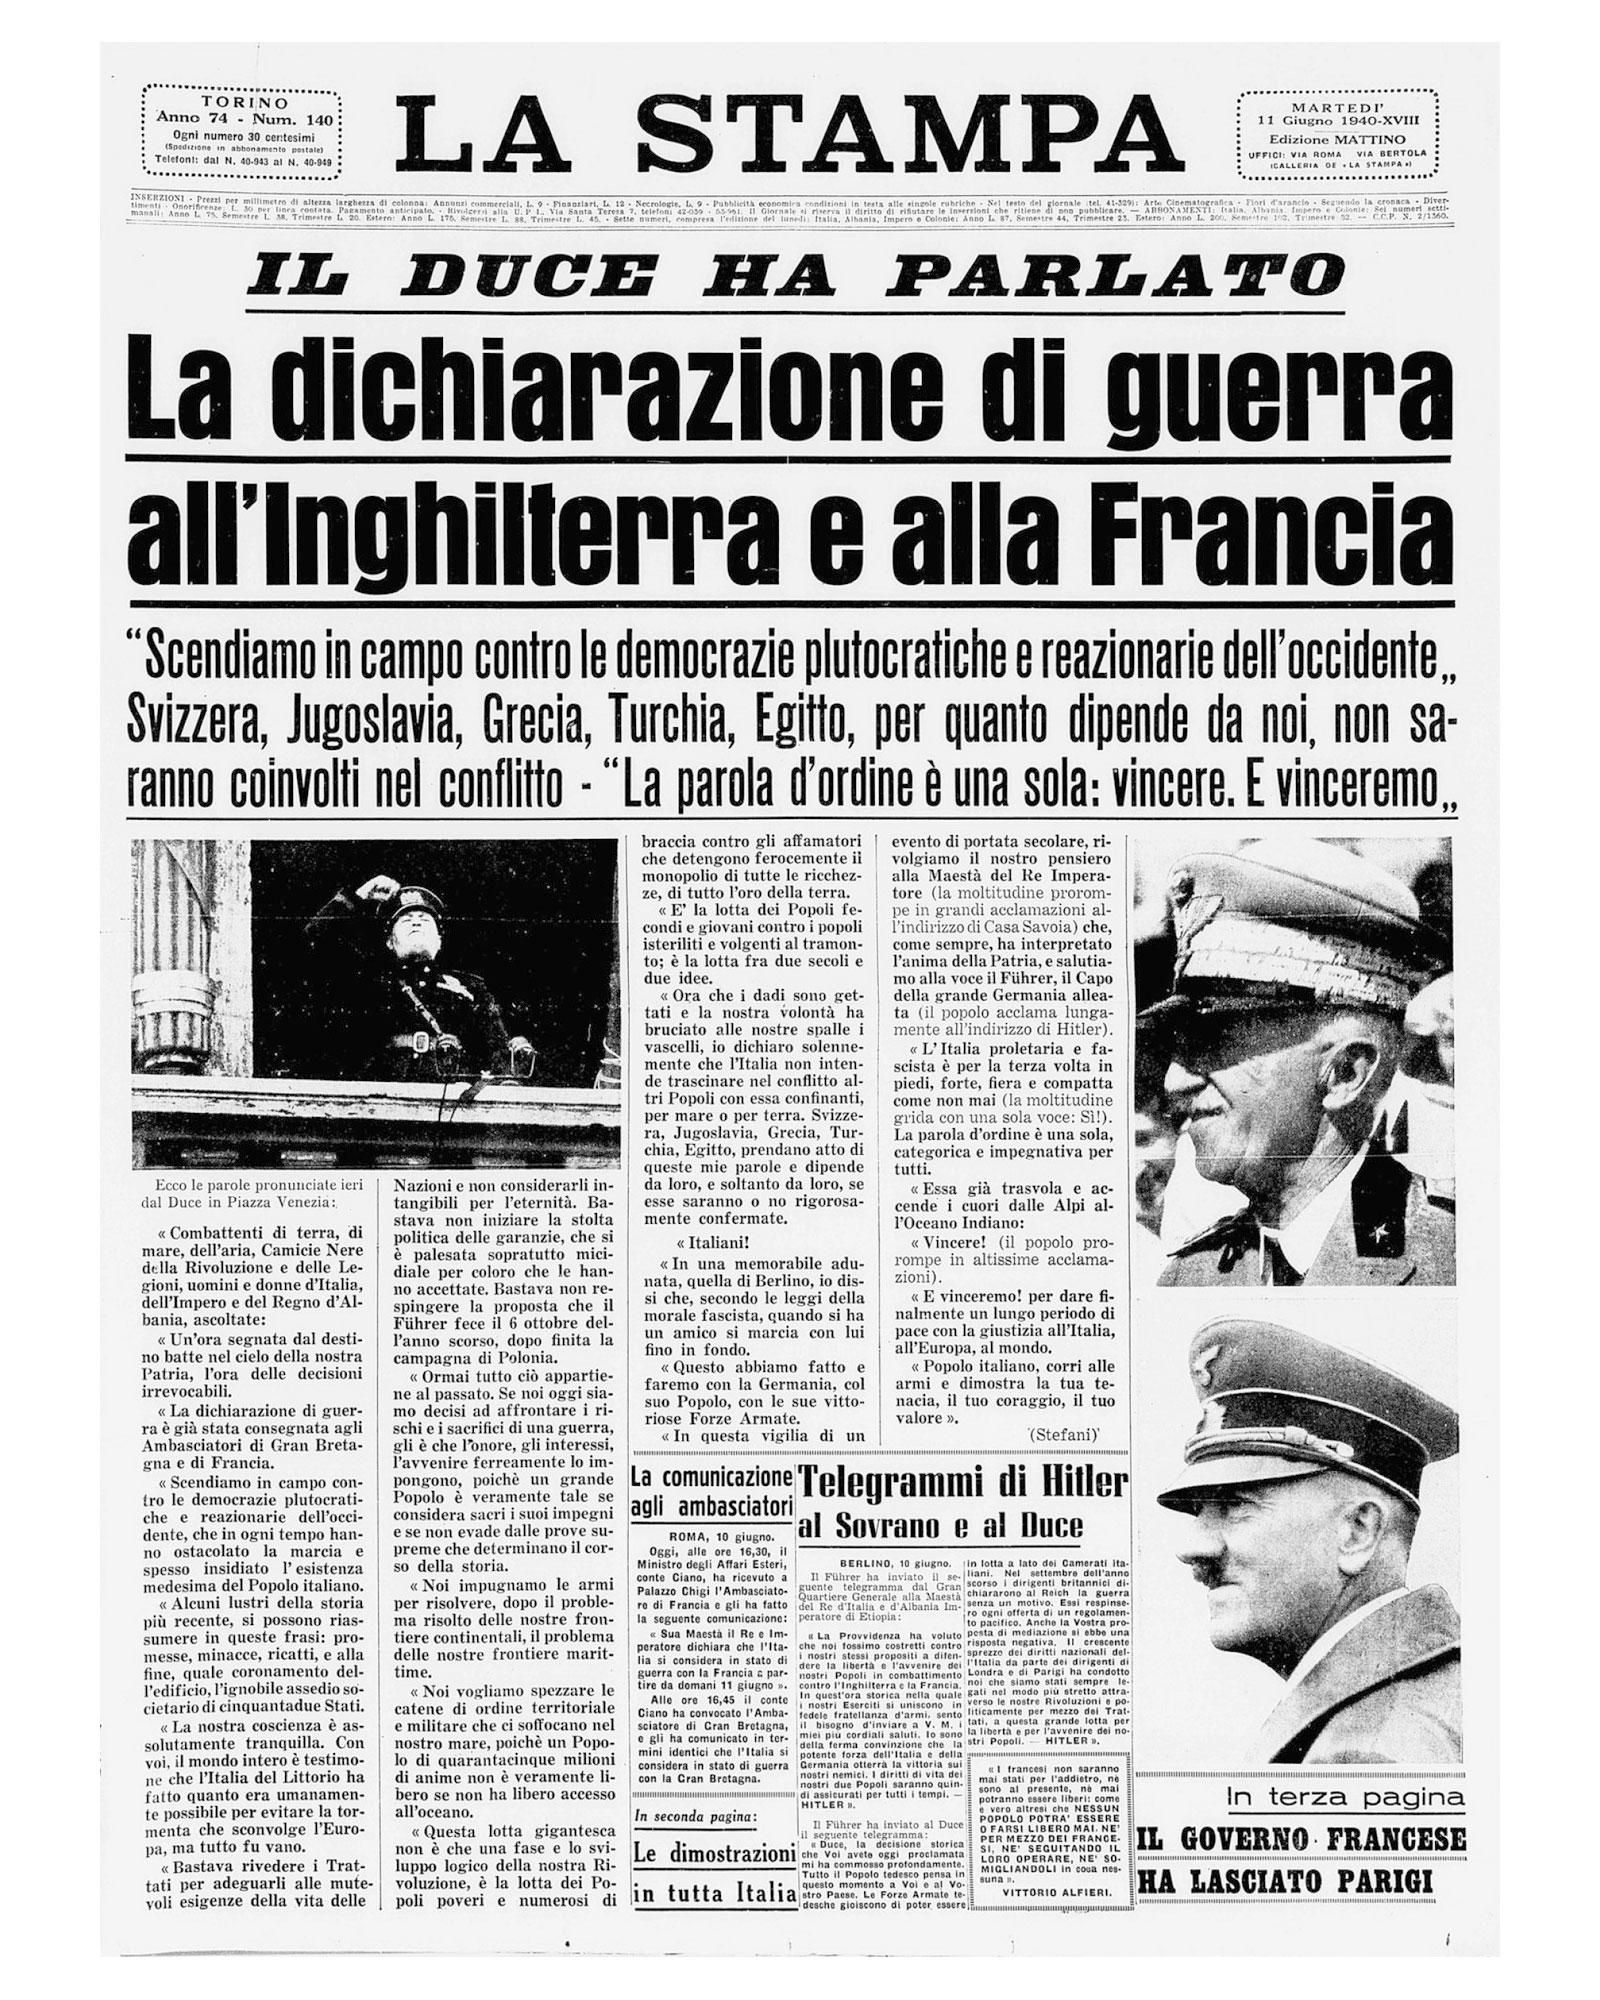 La Stampa, copertina del giorno 11 giugno 1940